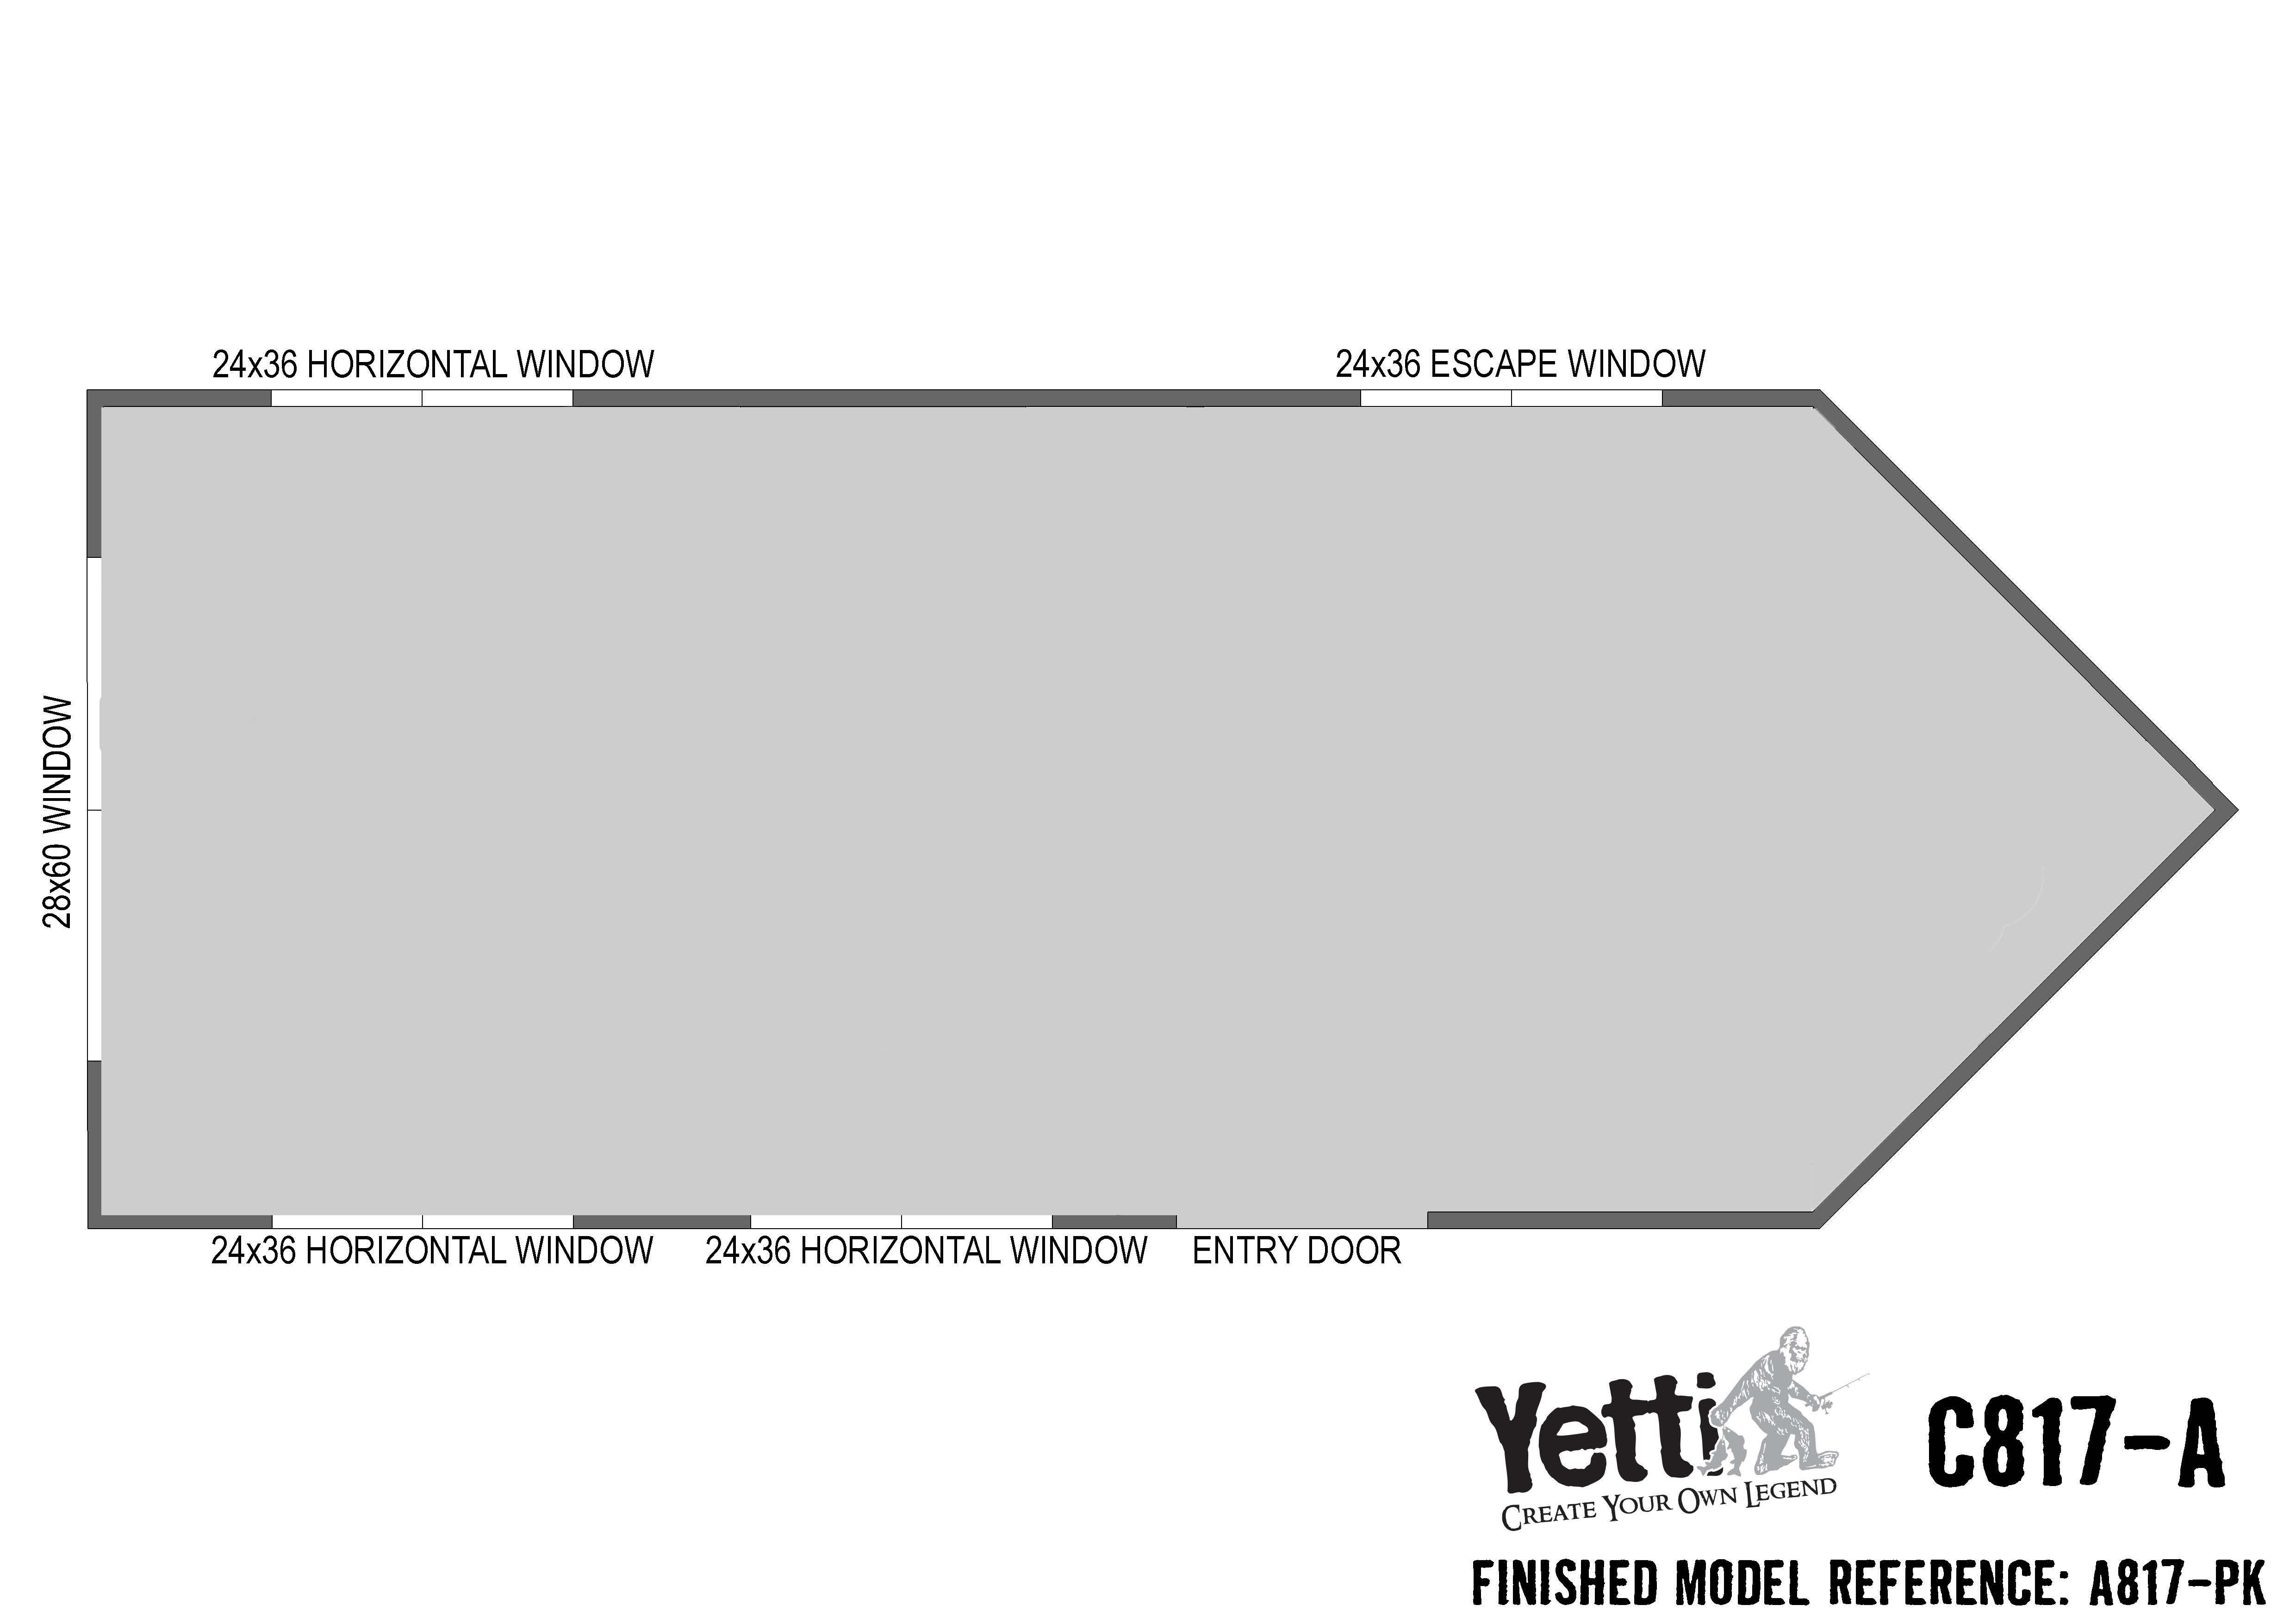 Yetti C817-A